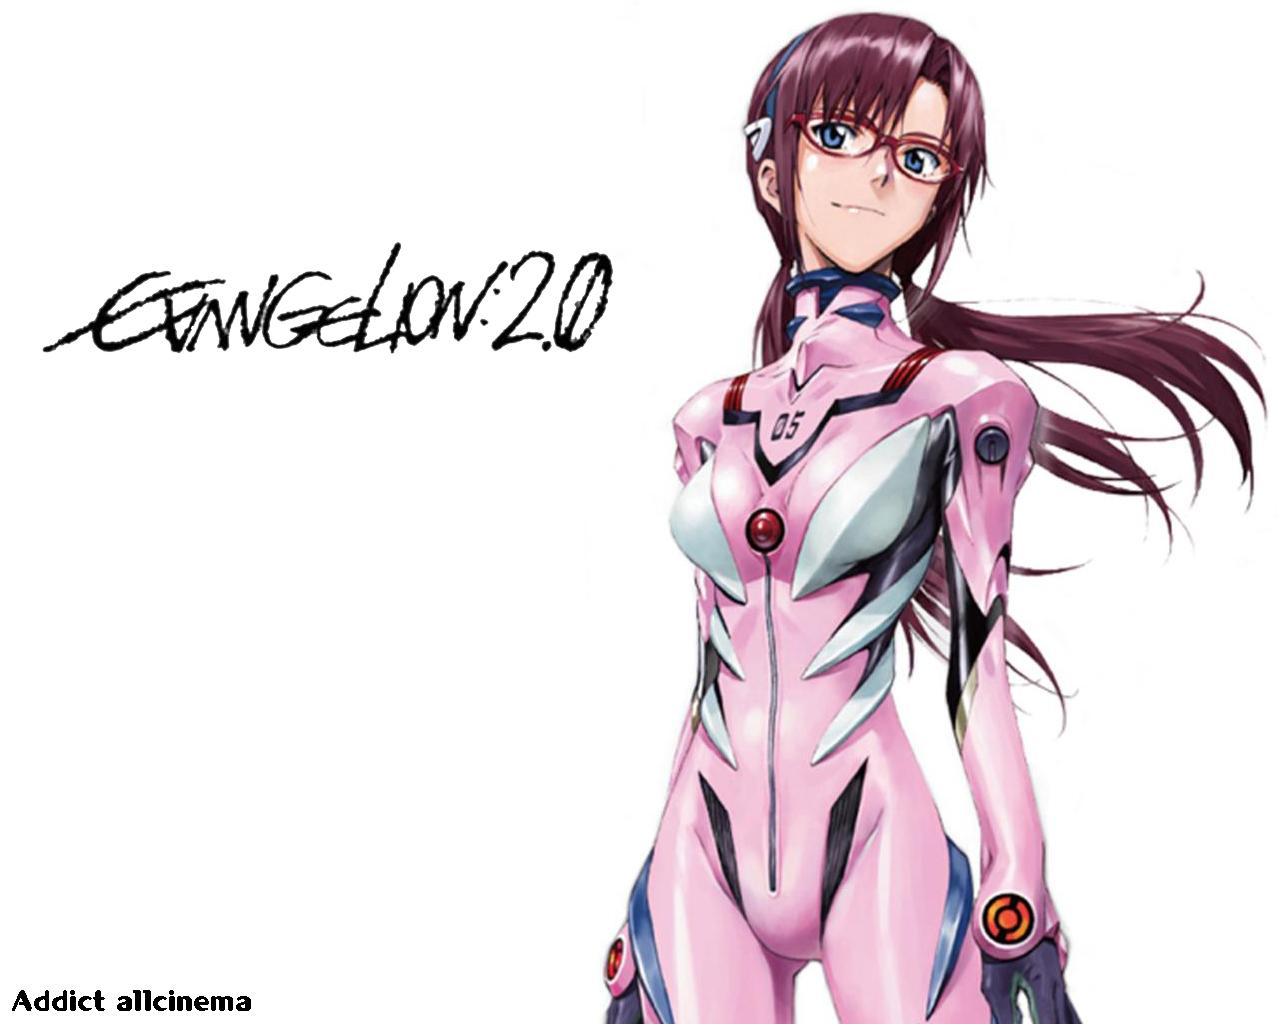 evangerionshingekizyoubann-ha_03.jpg